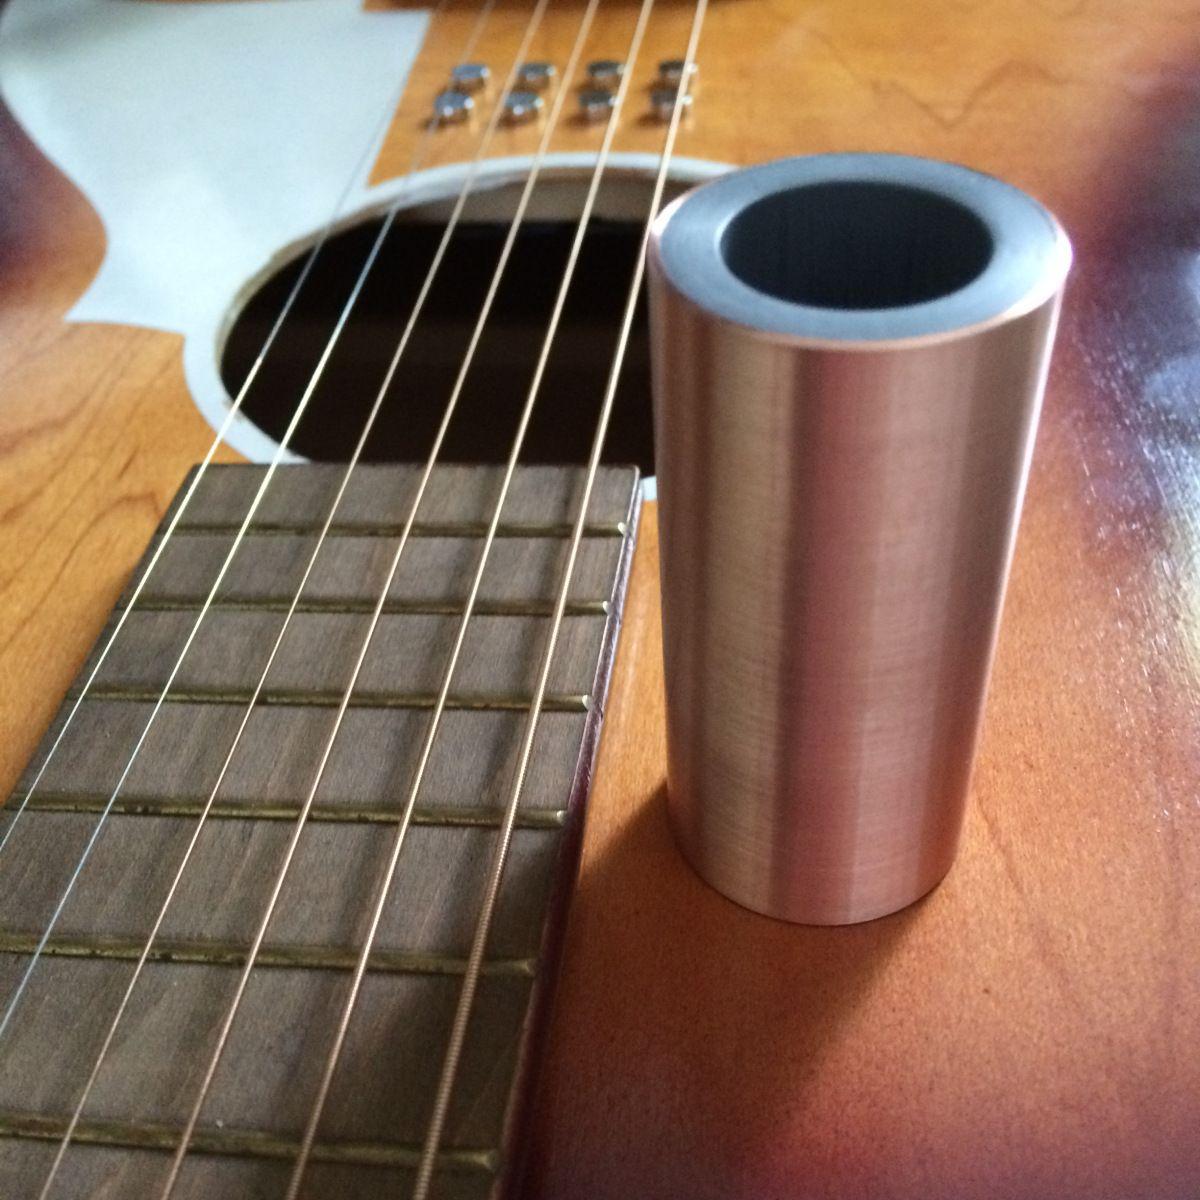 Jsa cu65 copper hybrid guitar slide for sale on ebay